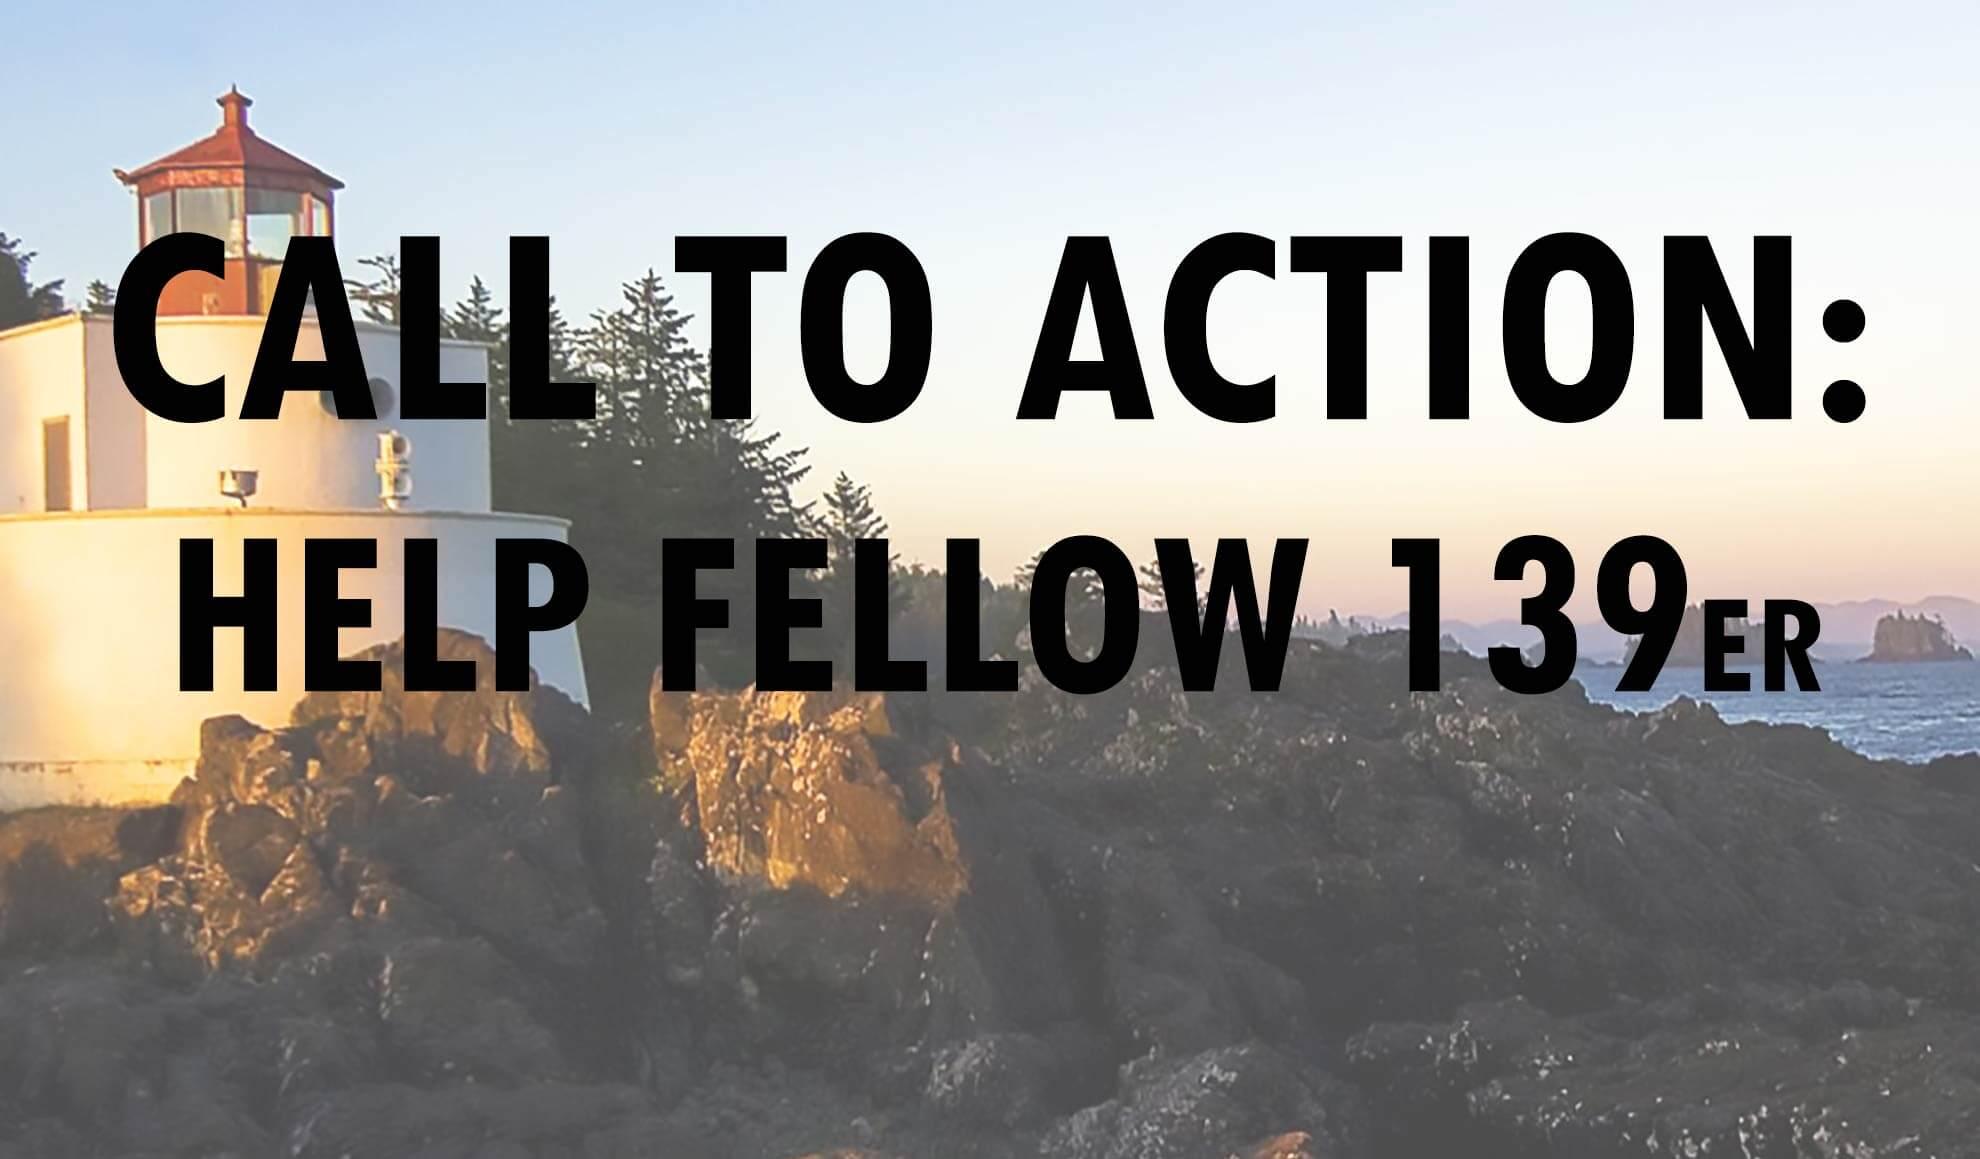 Help a fellow 139er